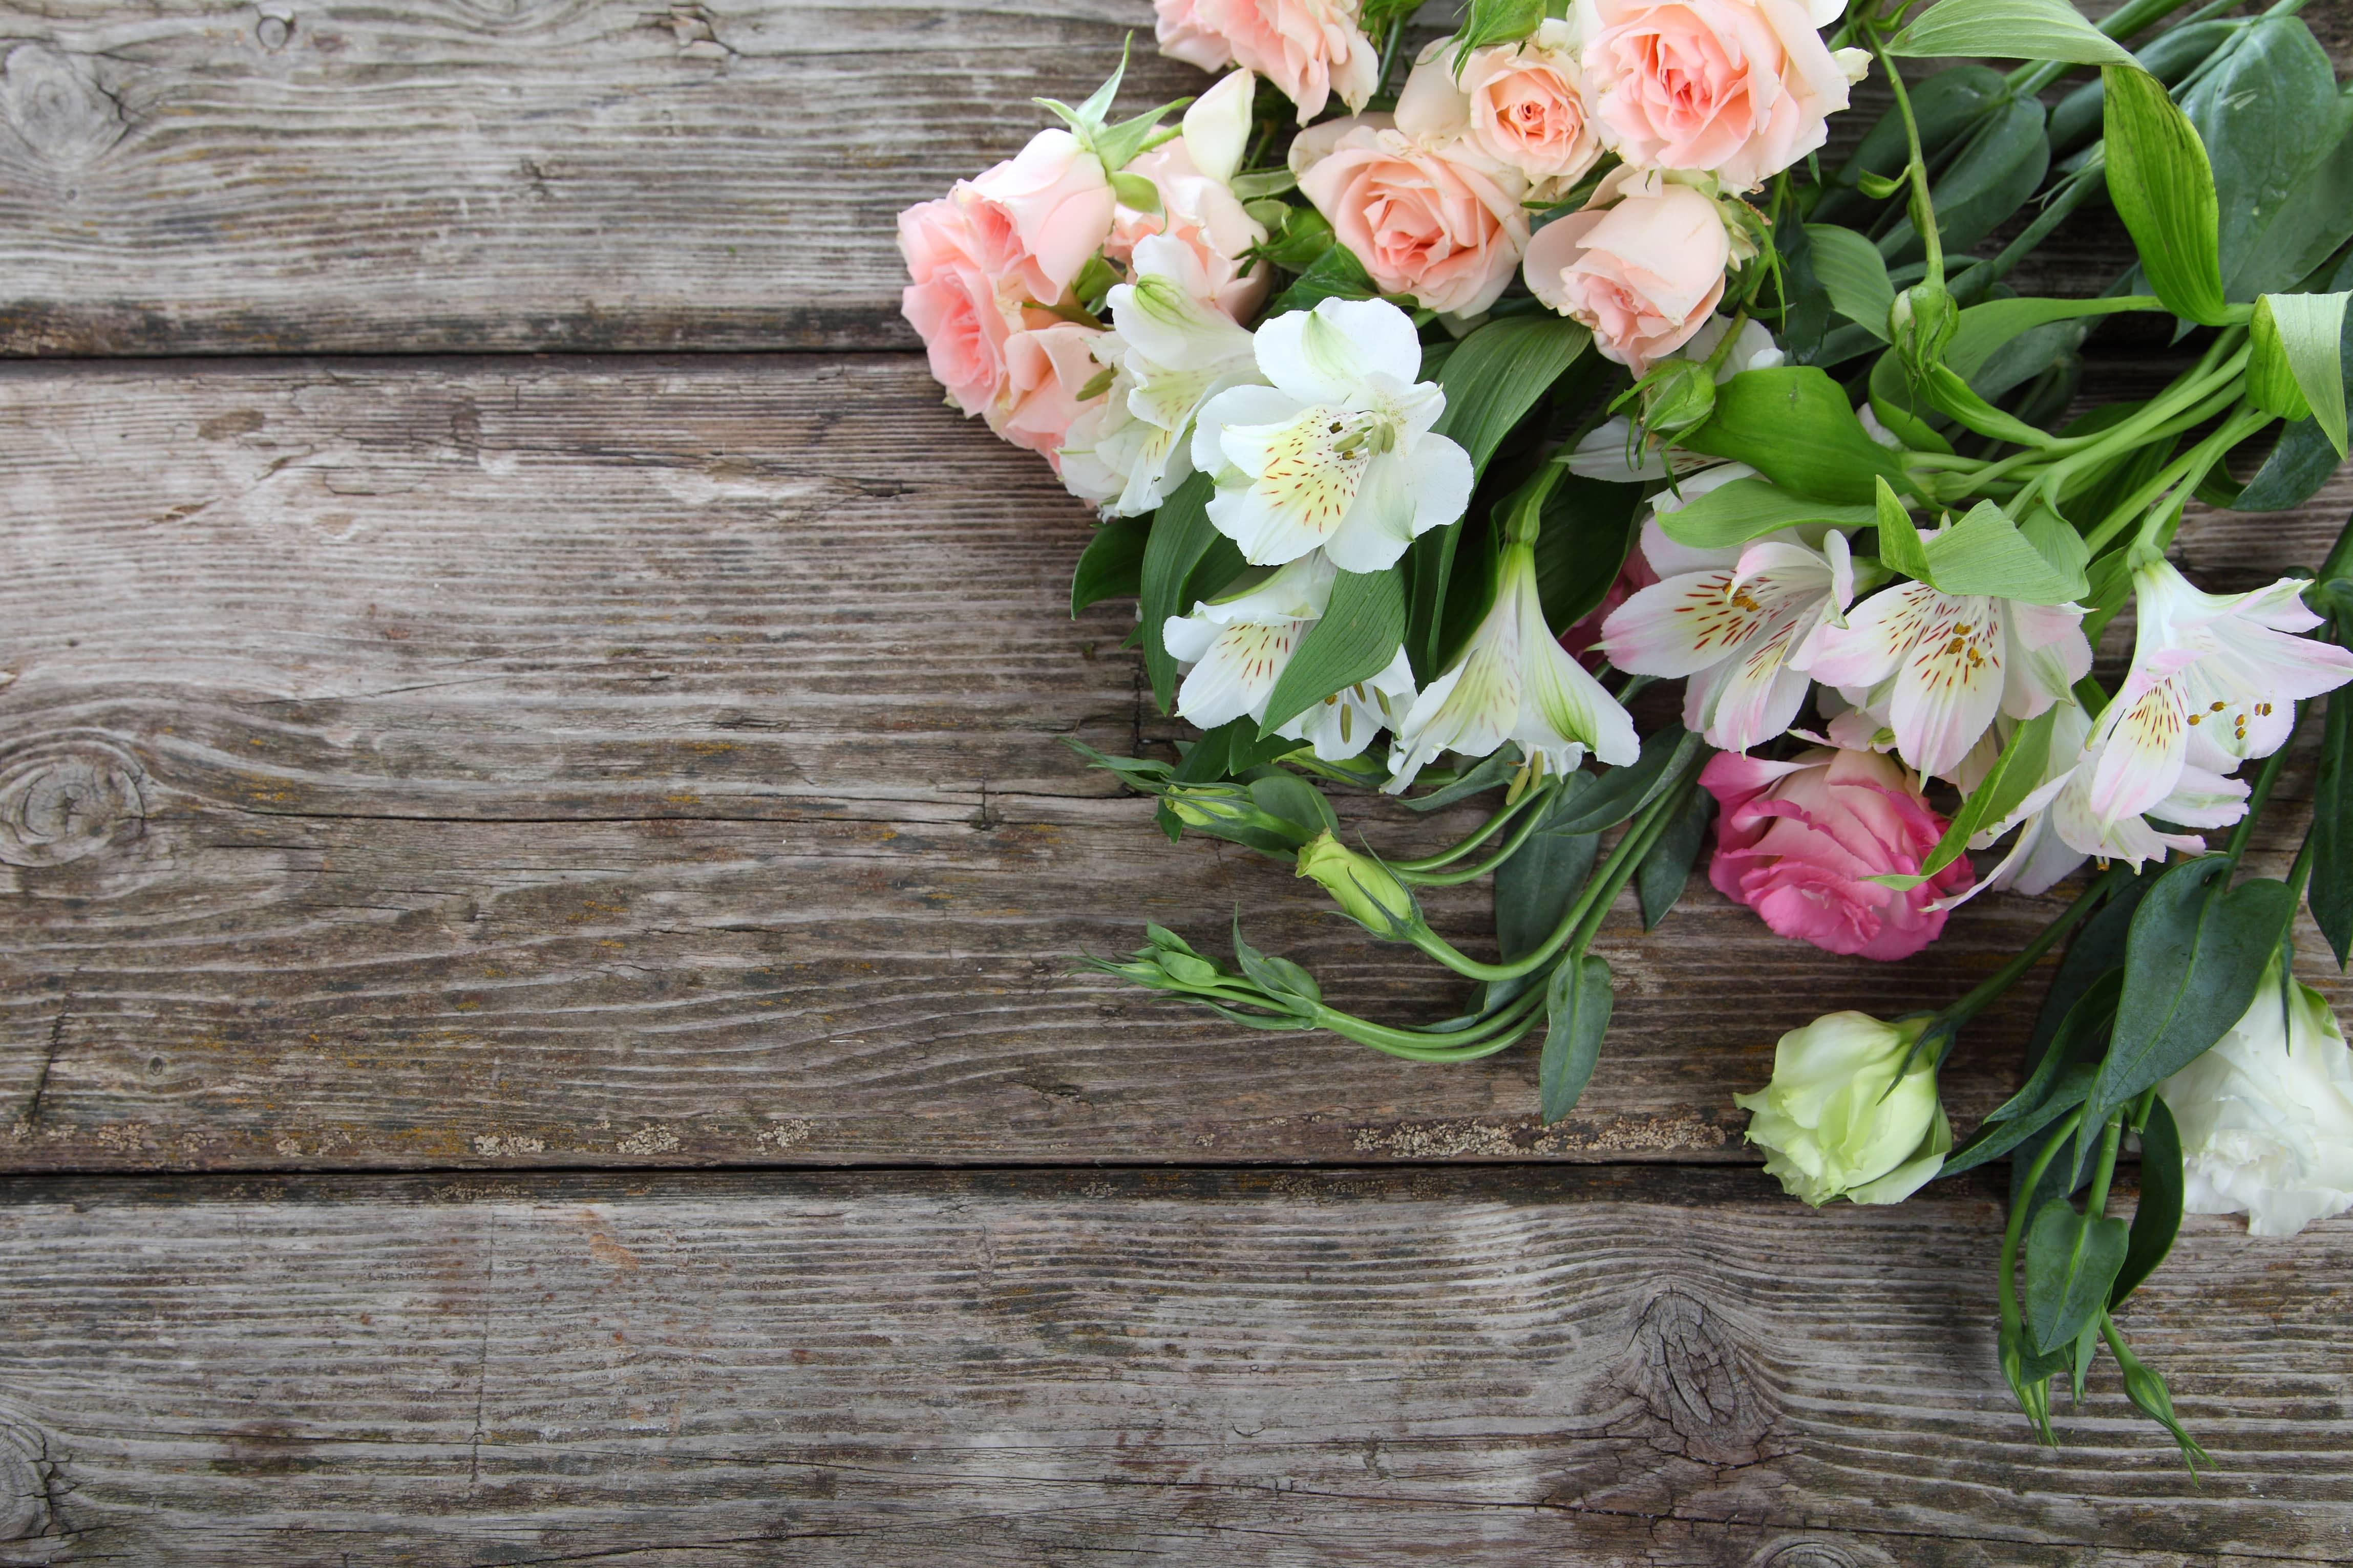 テーブルの上に置かれた花